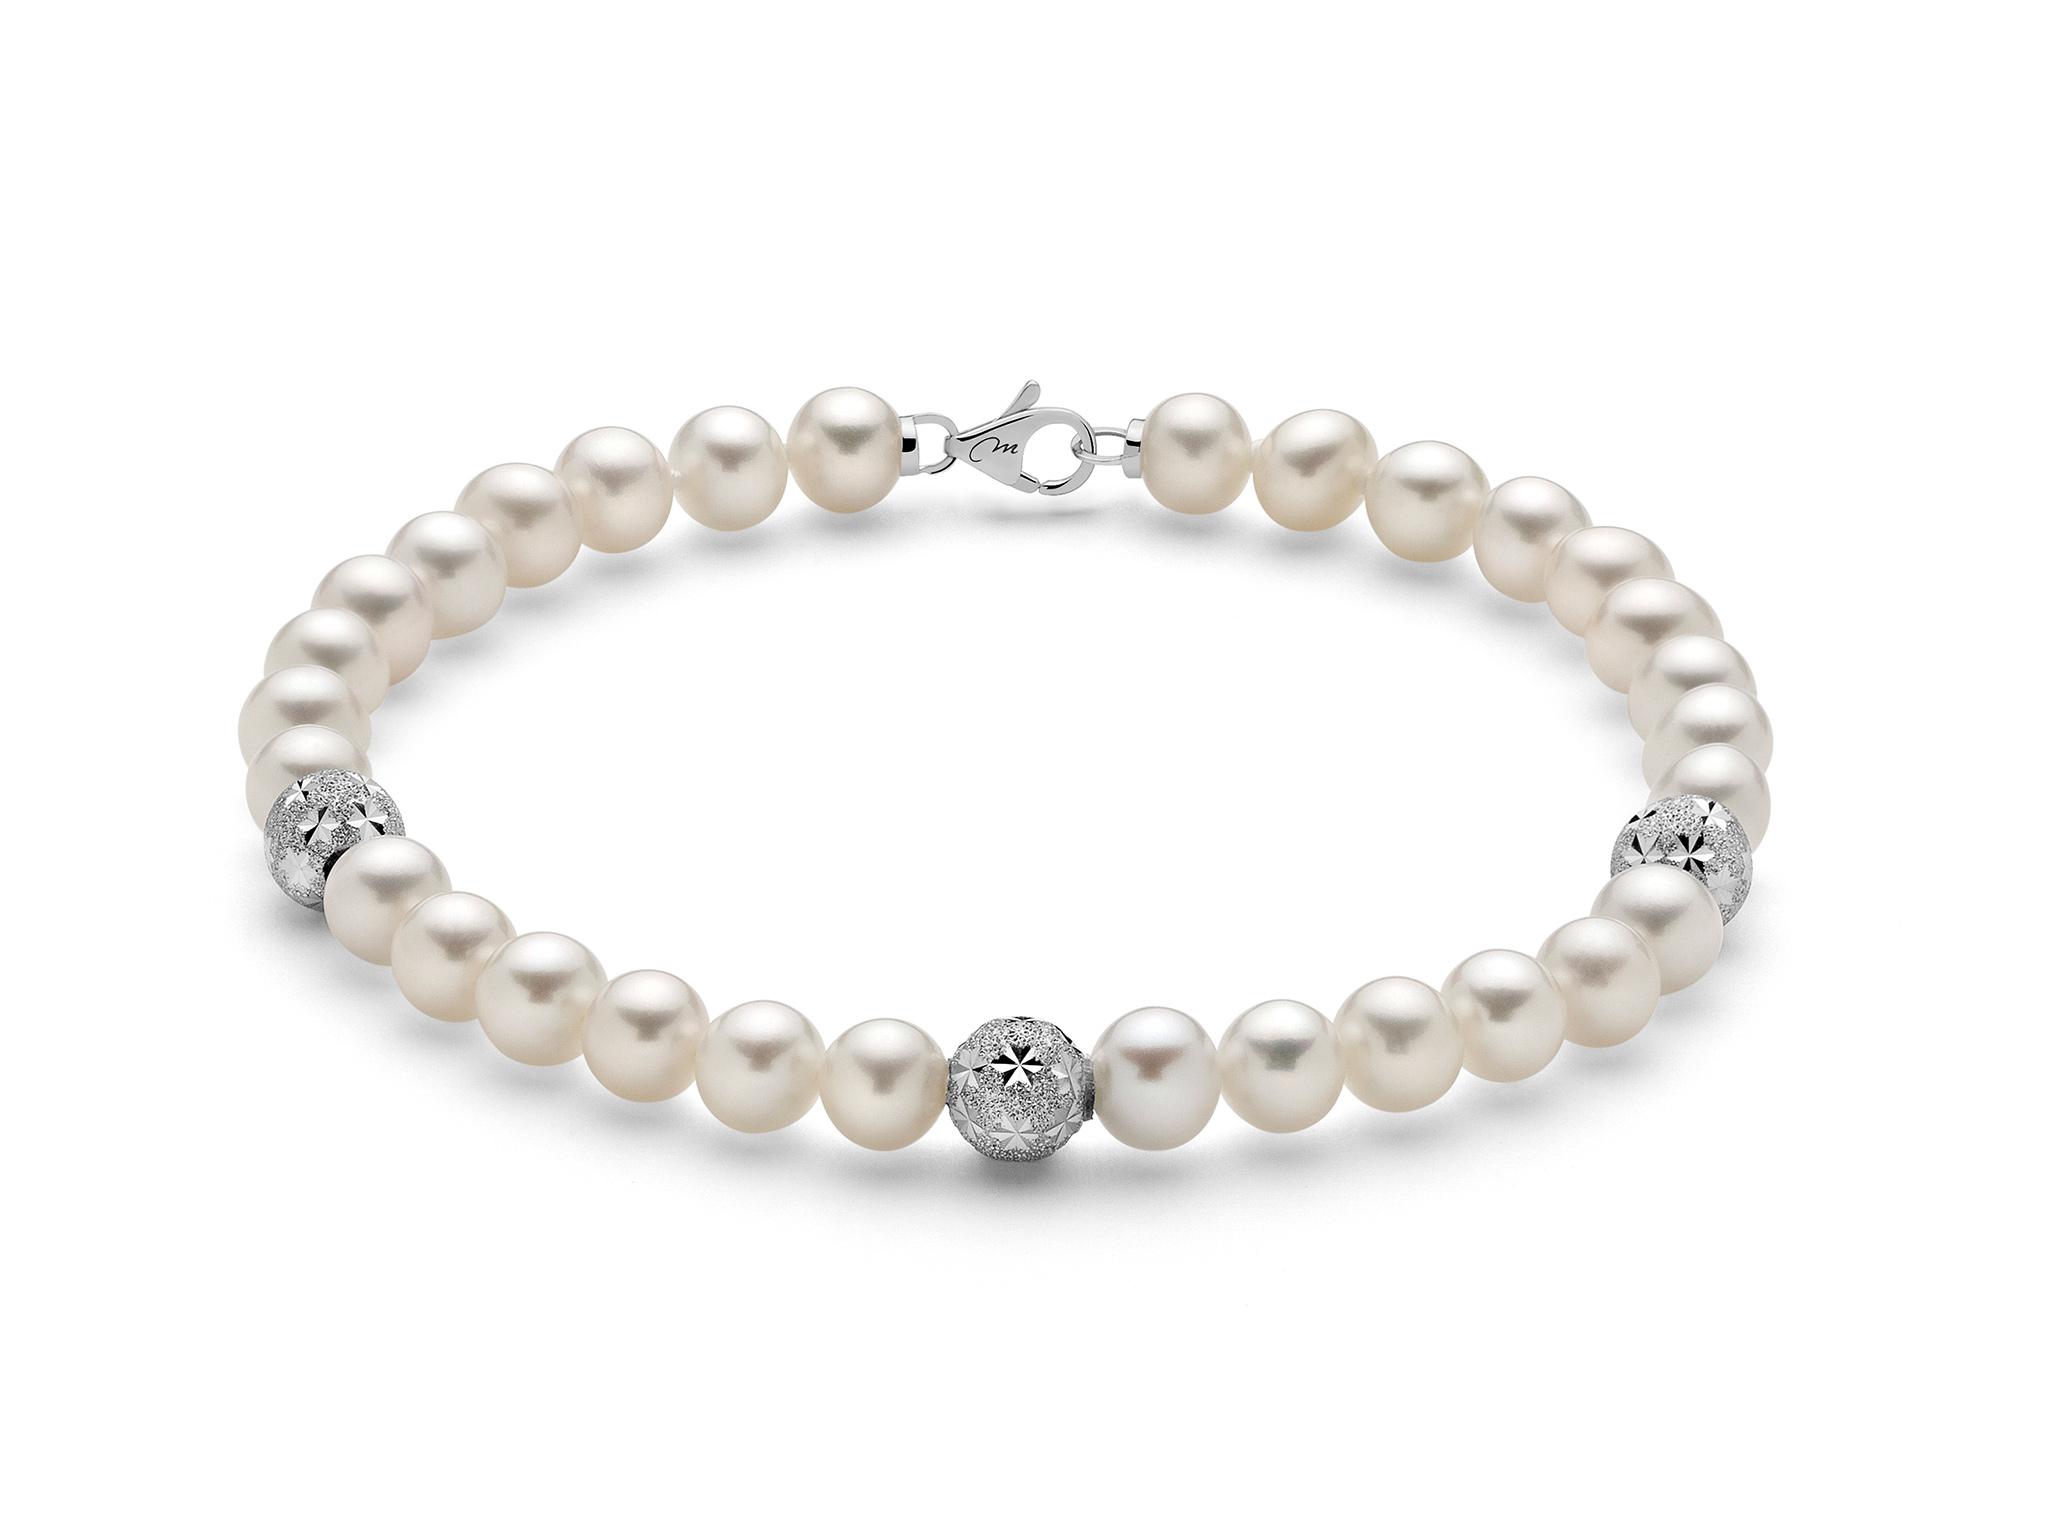 Bracciale di perle con tre boule stellate in oro - PBR2765V